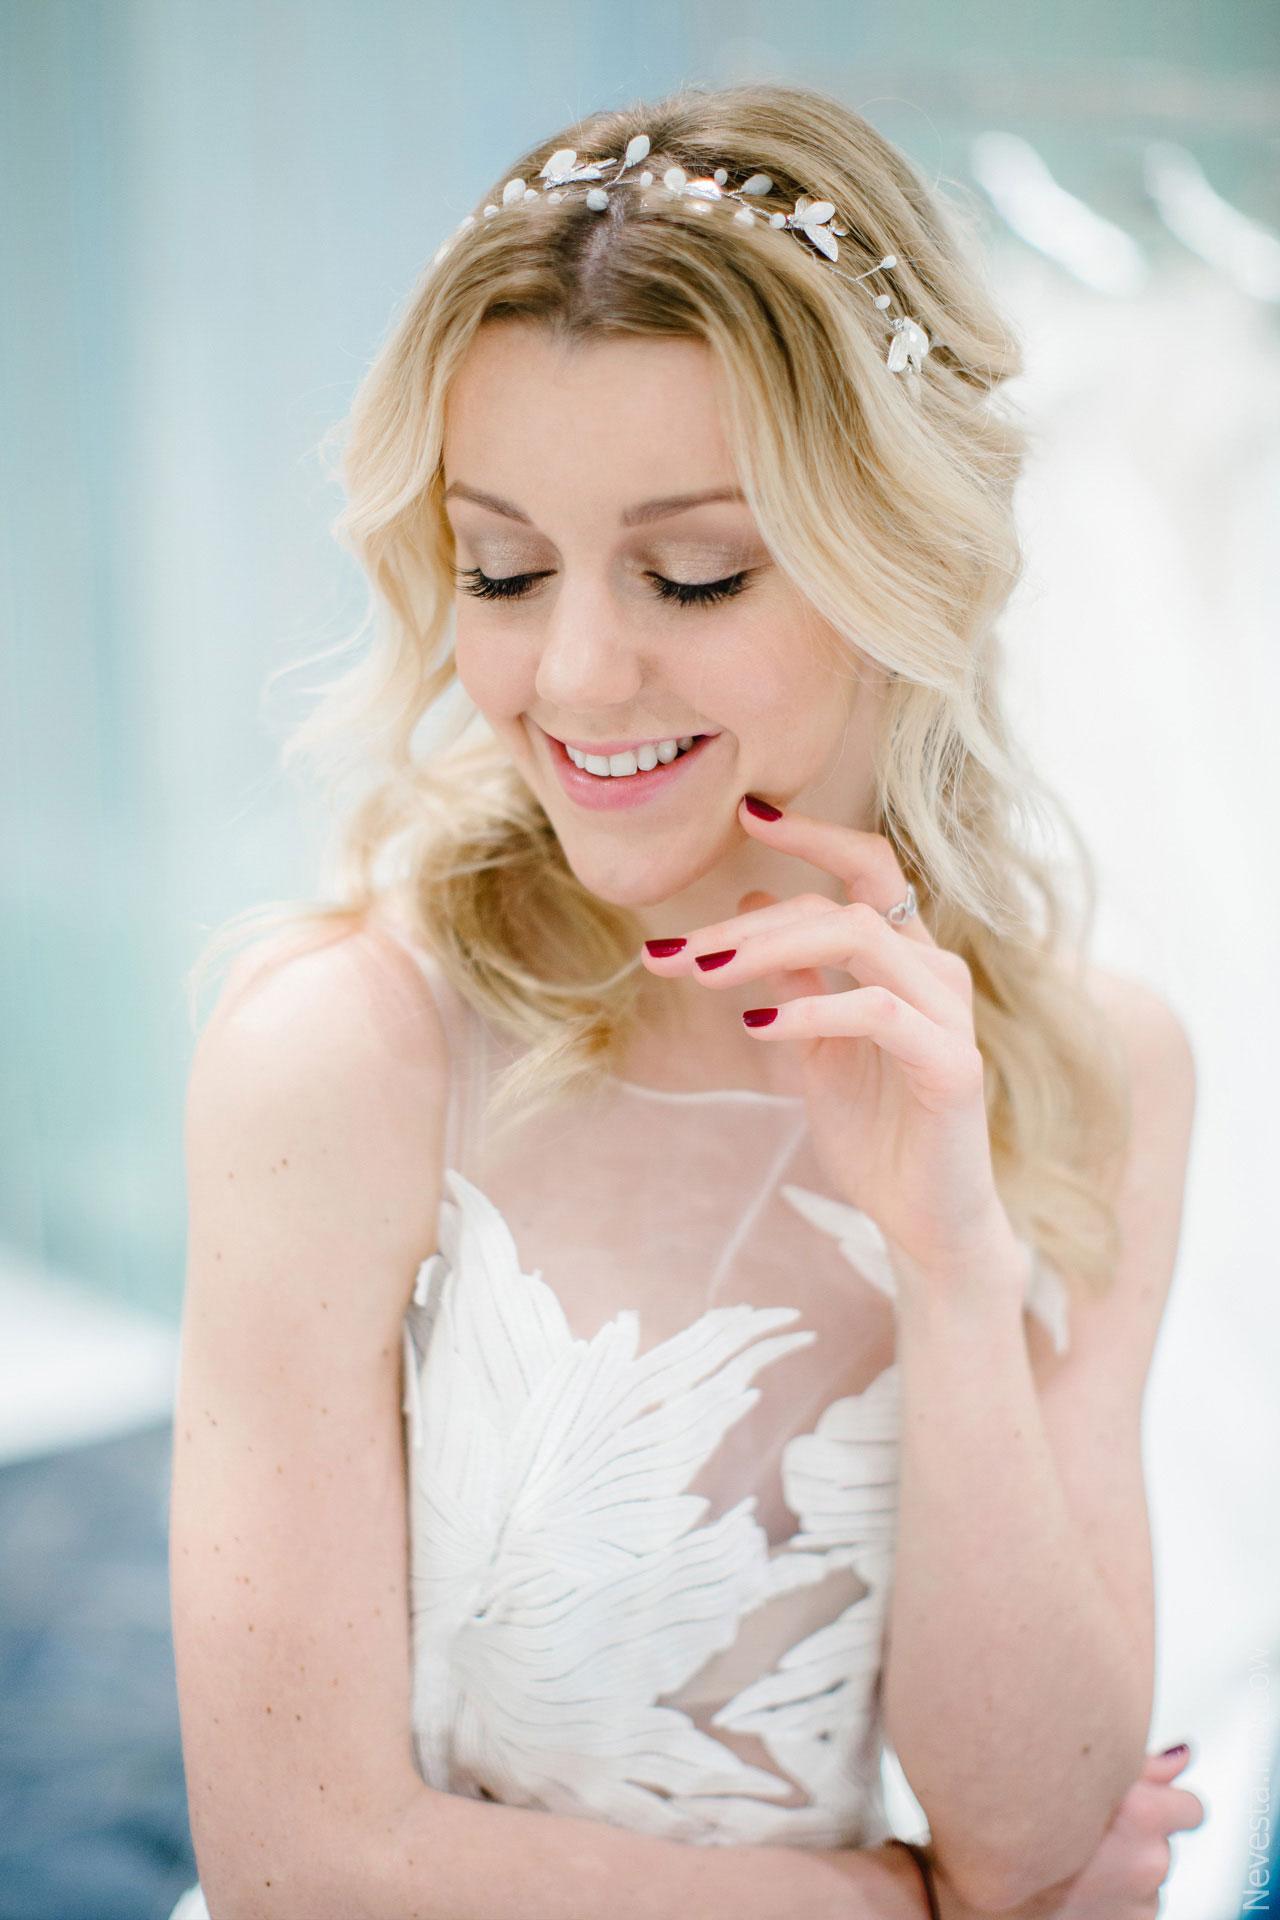 Юлианна Караулова примеряет образ для весенней свадьбы фото 20